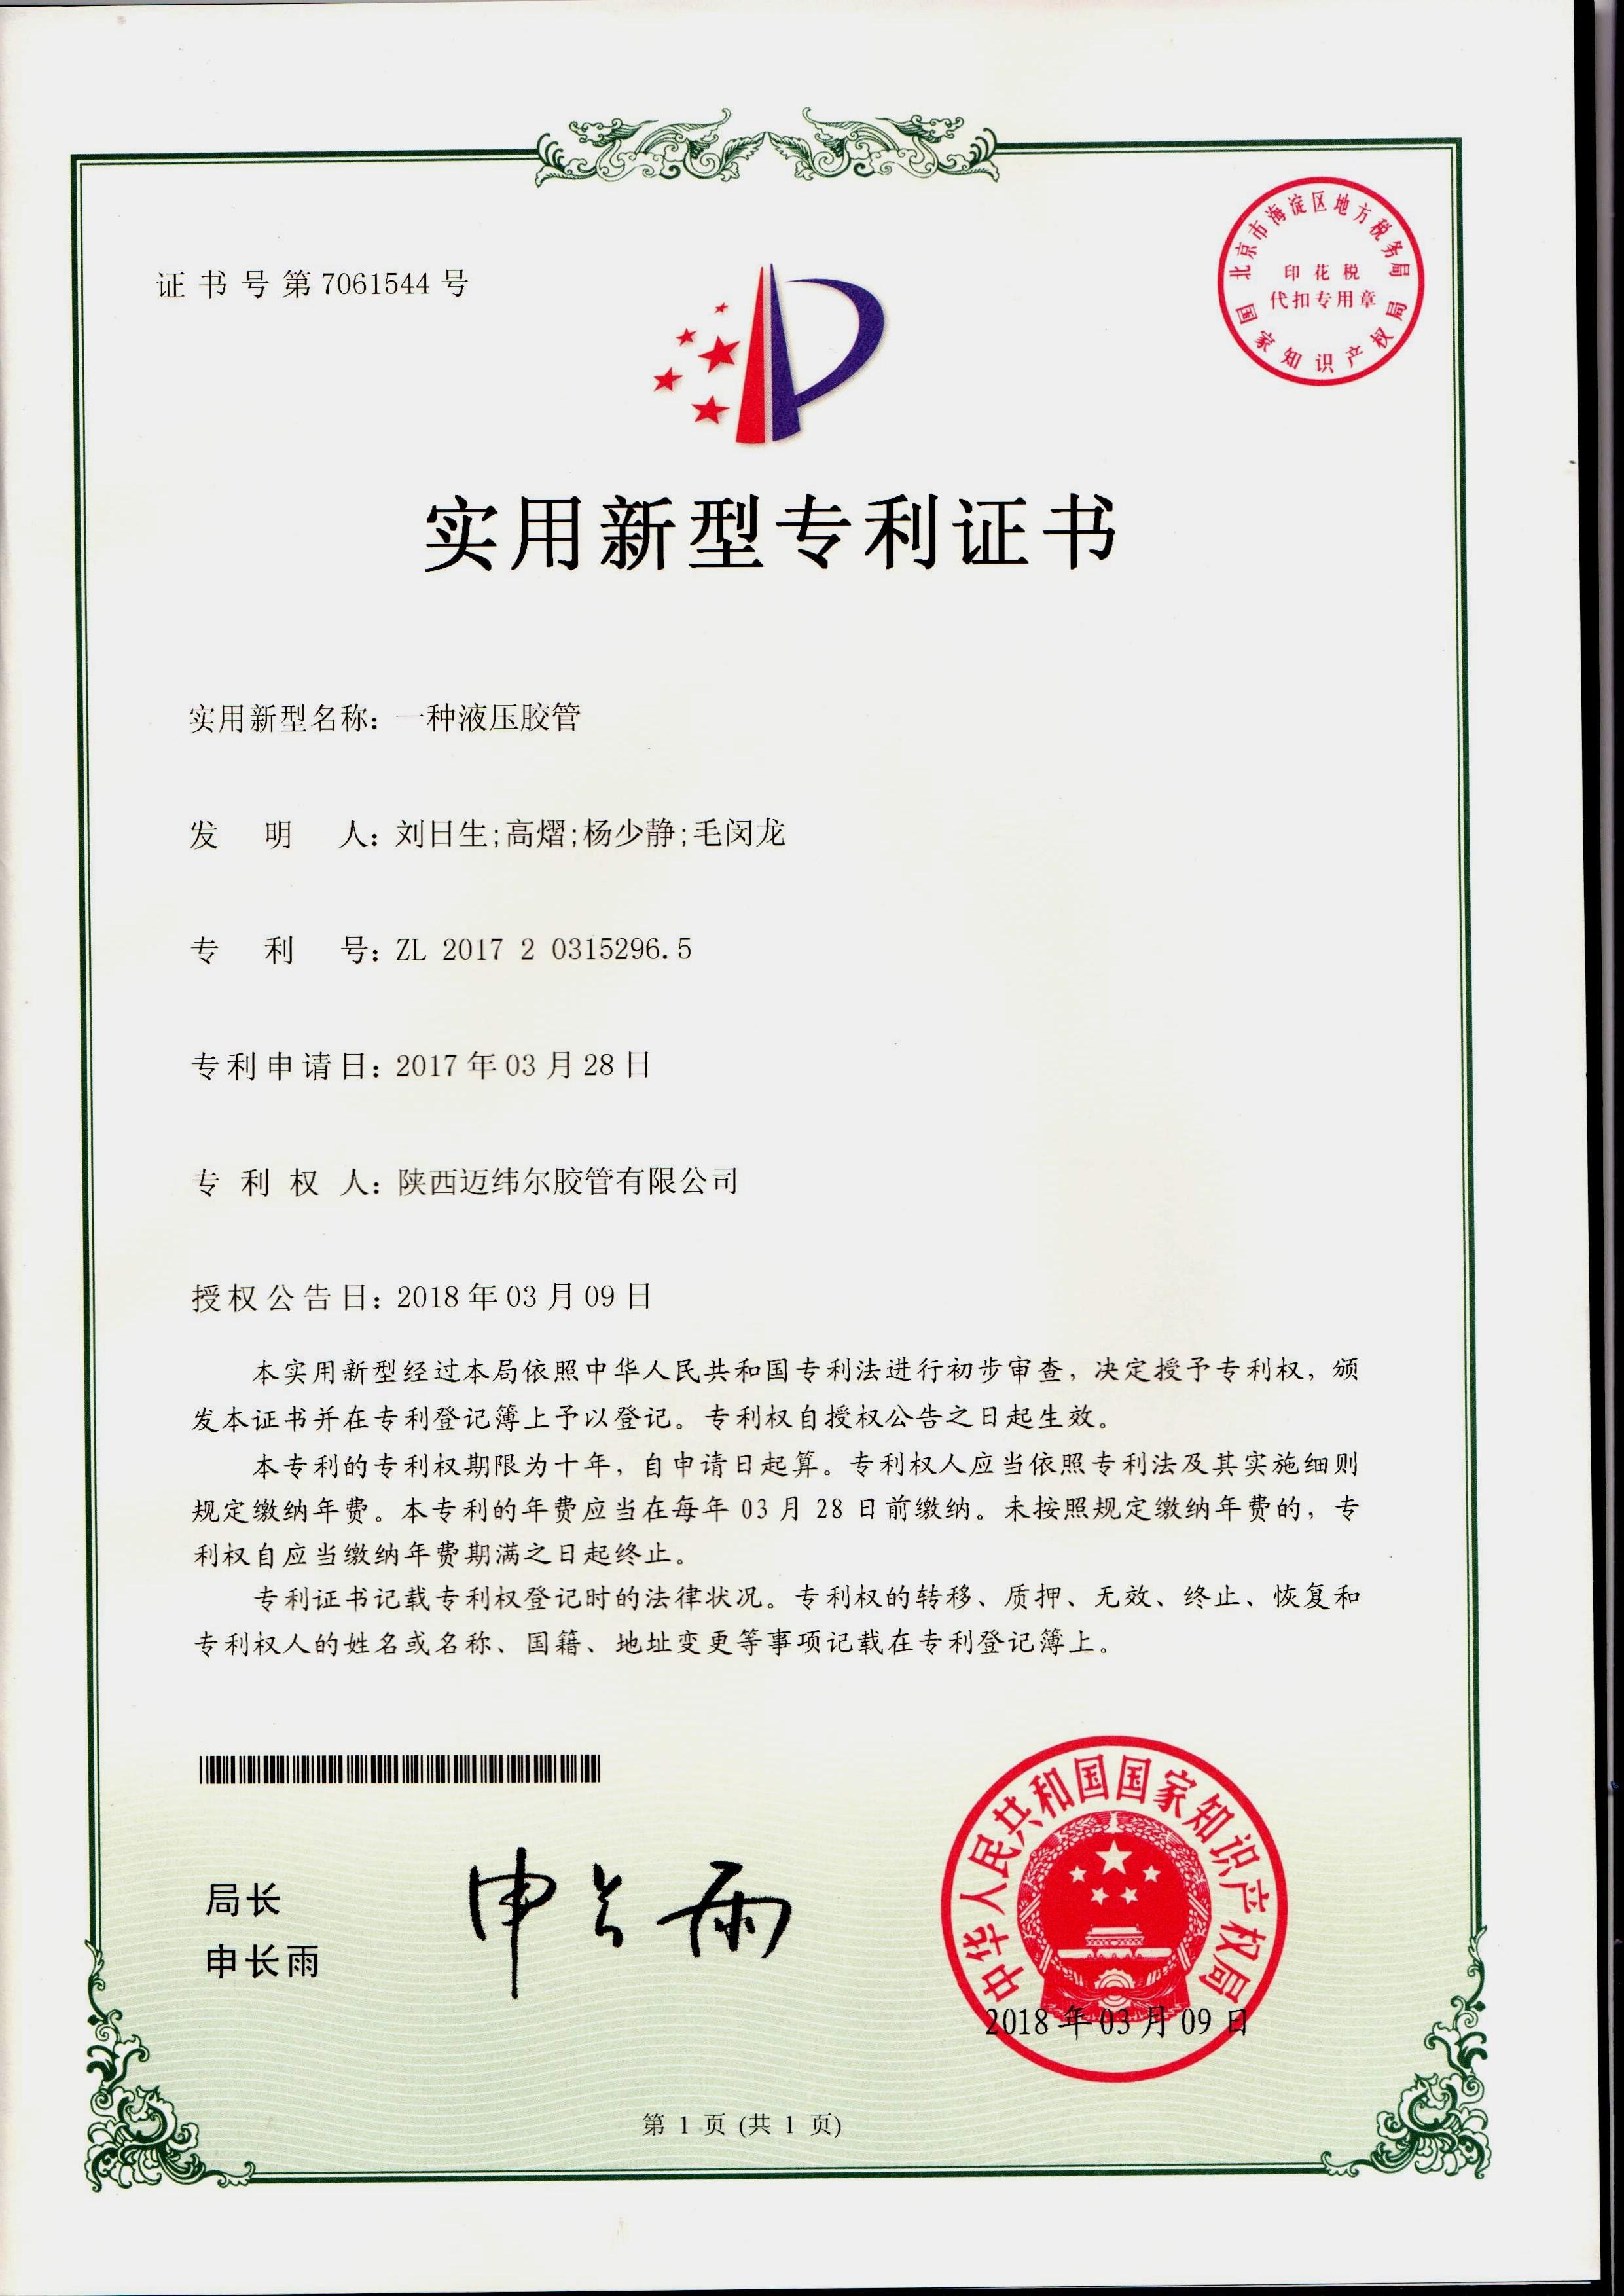 專利-一種液壓膠管18